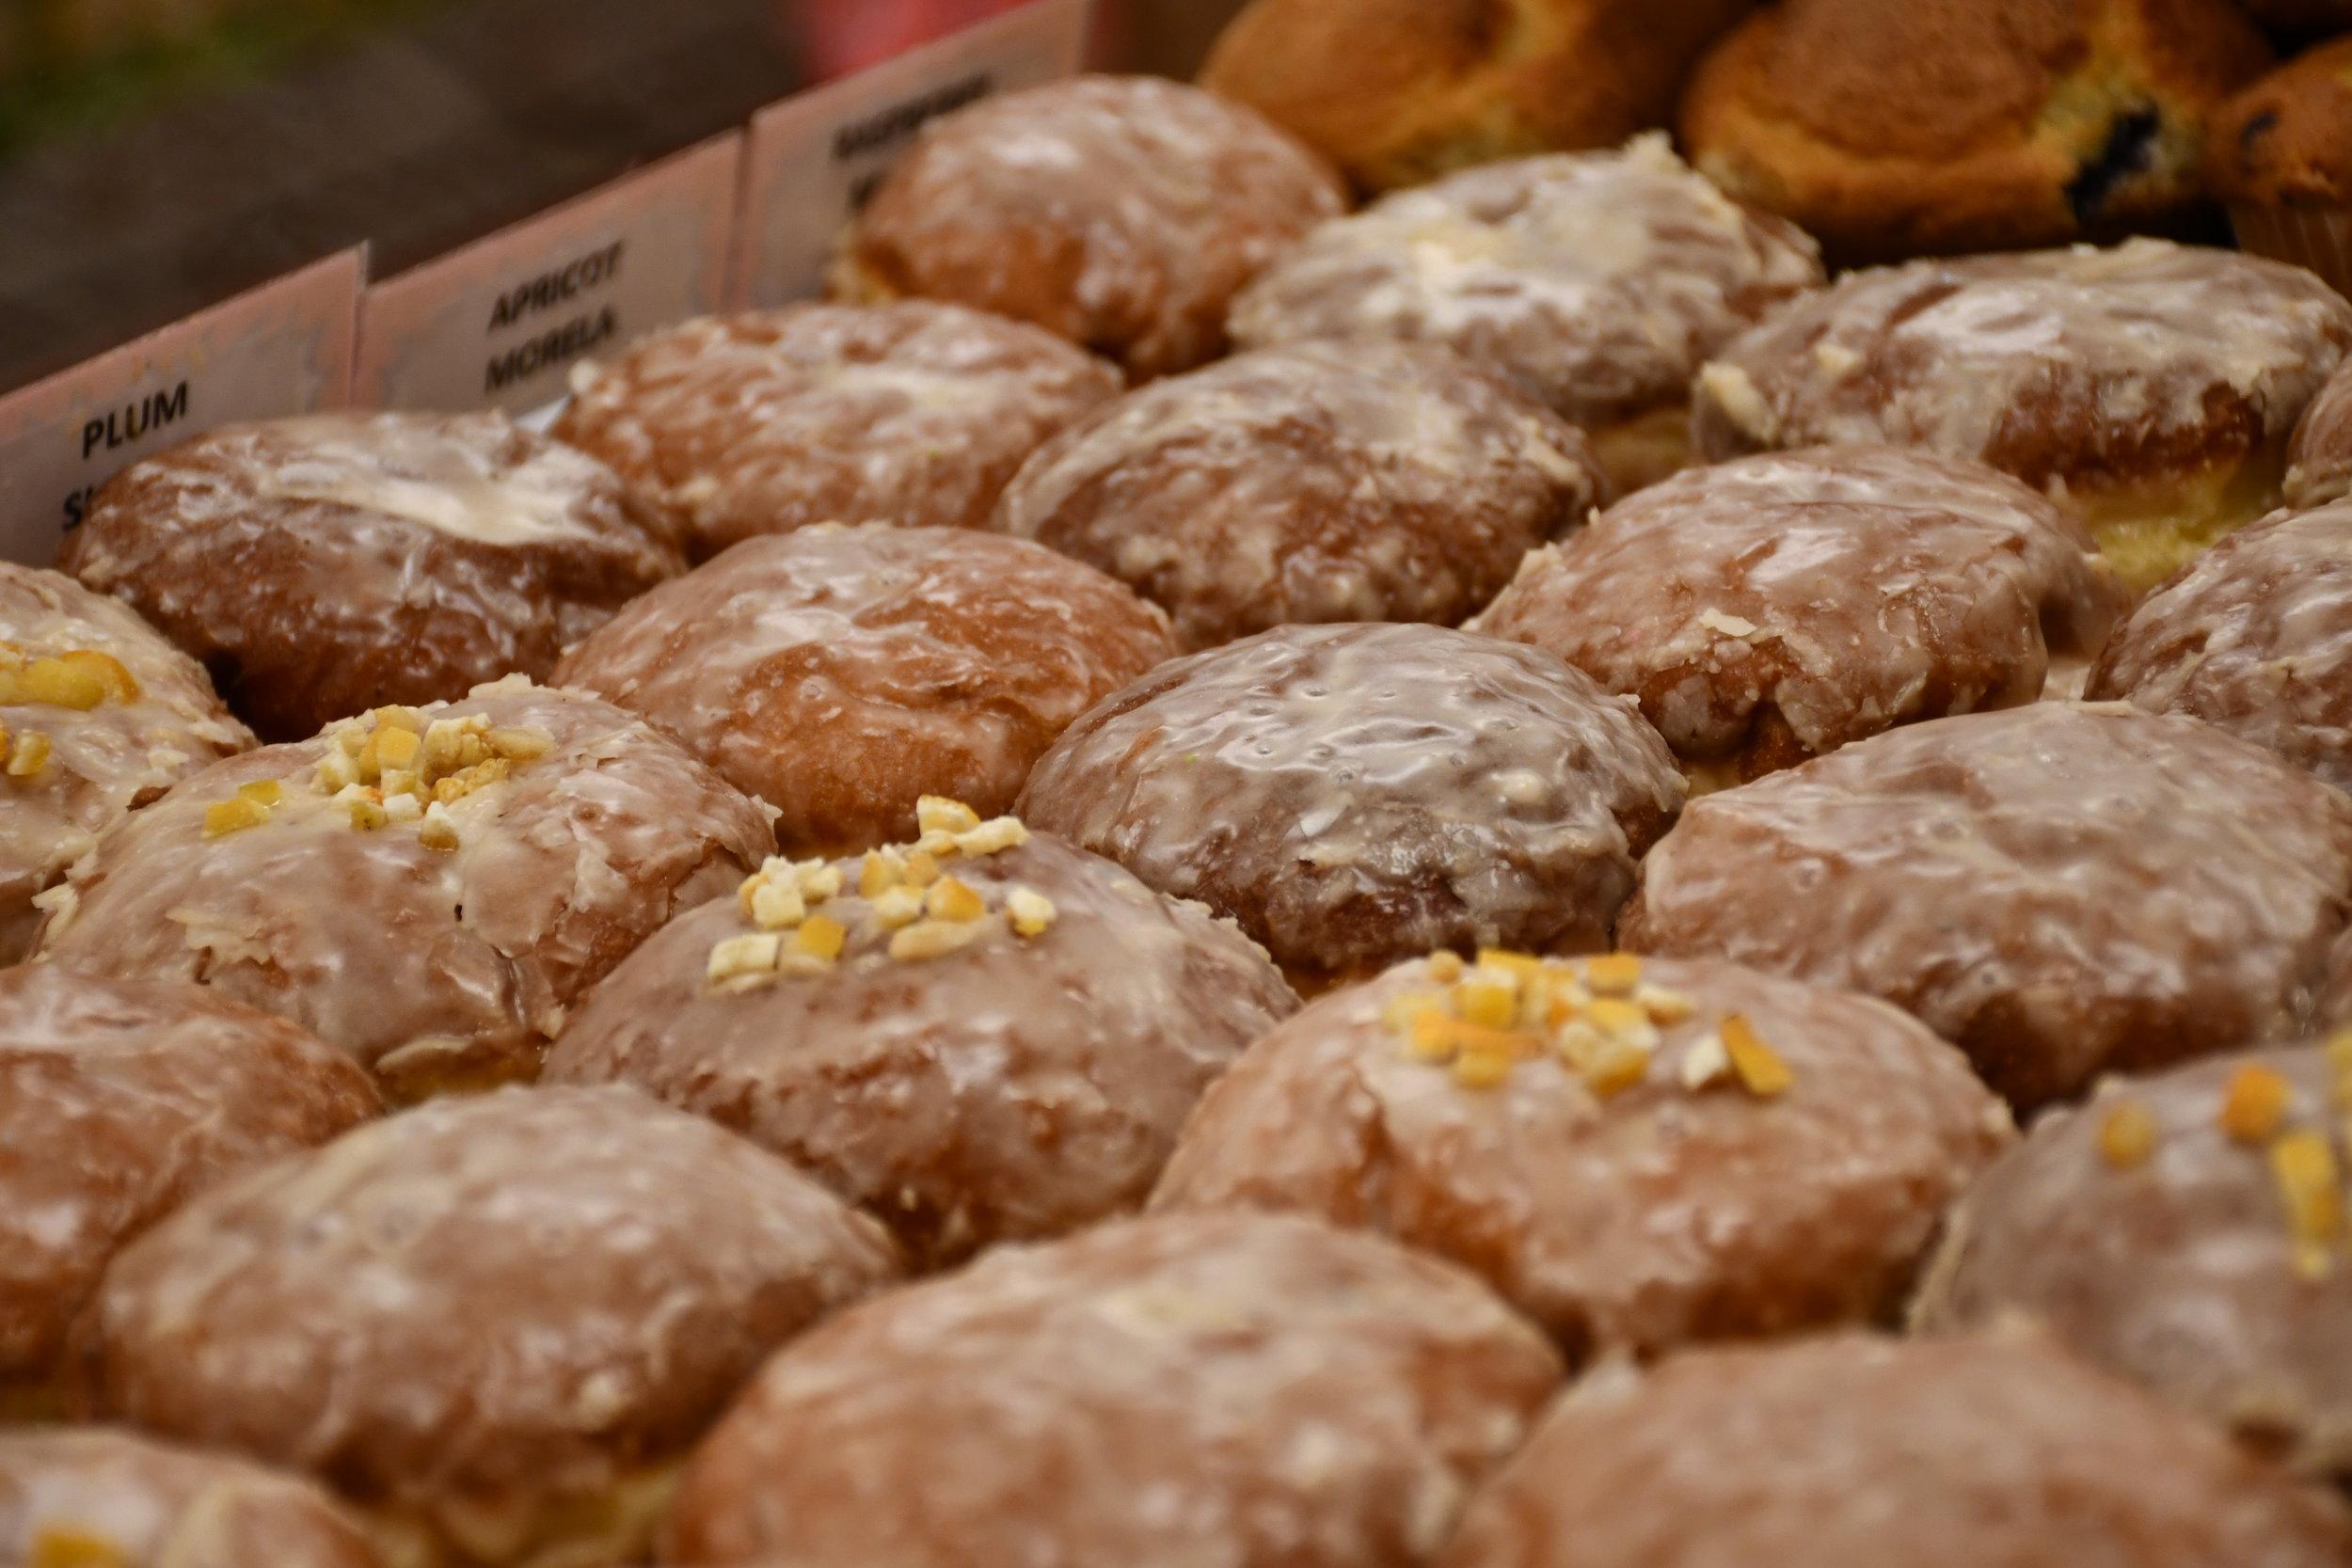 Polish Chicago Paczki | Lassak Market & Deli